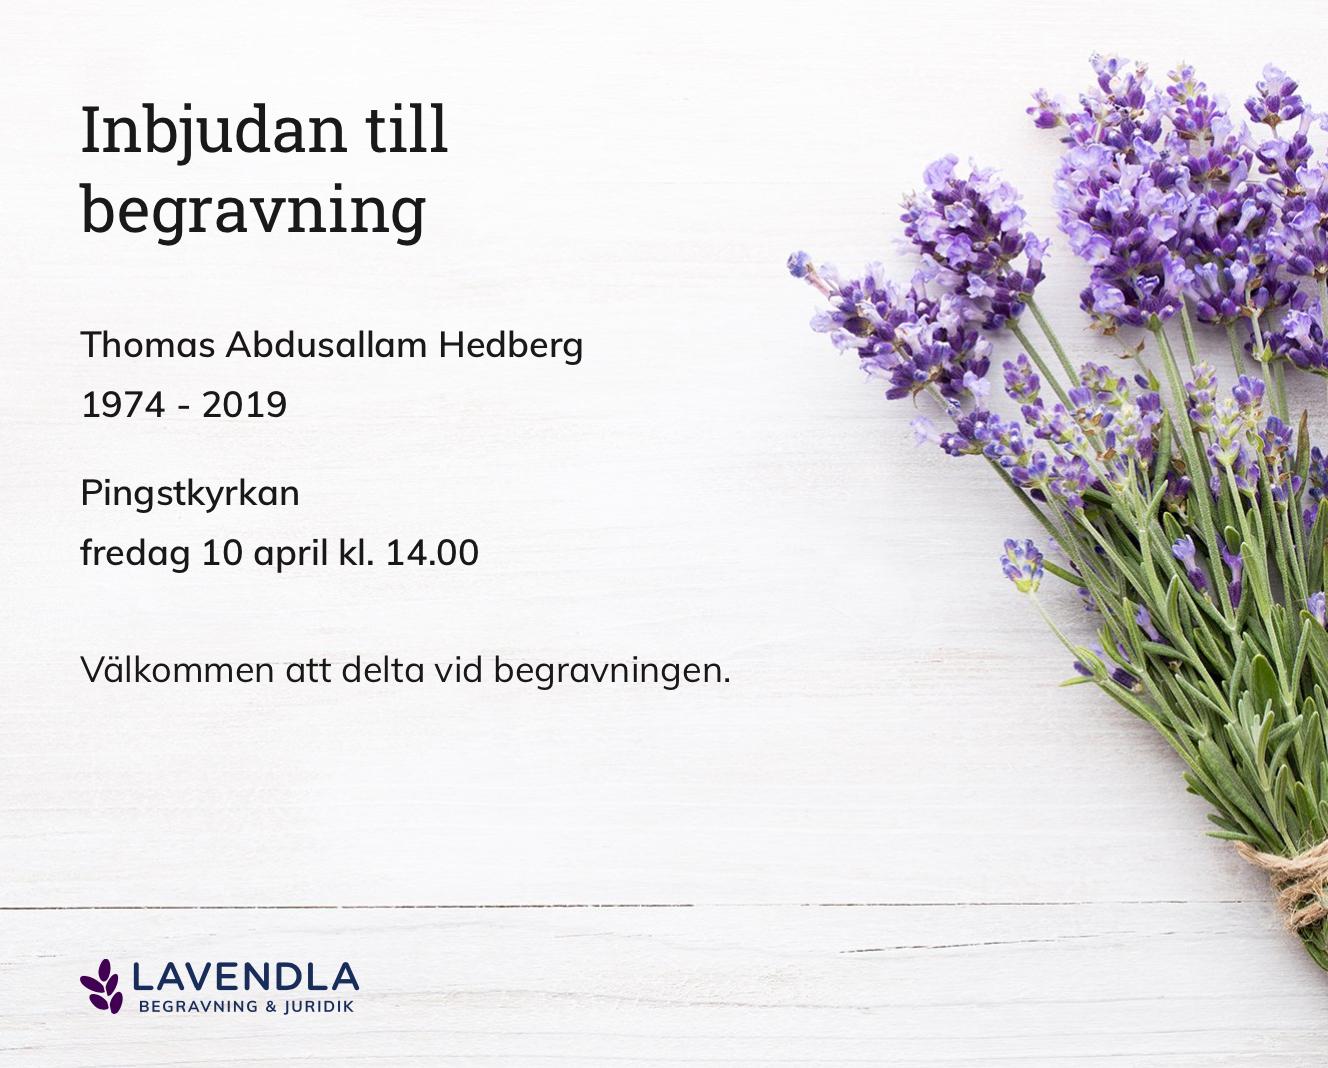 Inbjudningskort till ceremonin för Thomas Abdusallam Hedberg